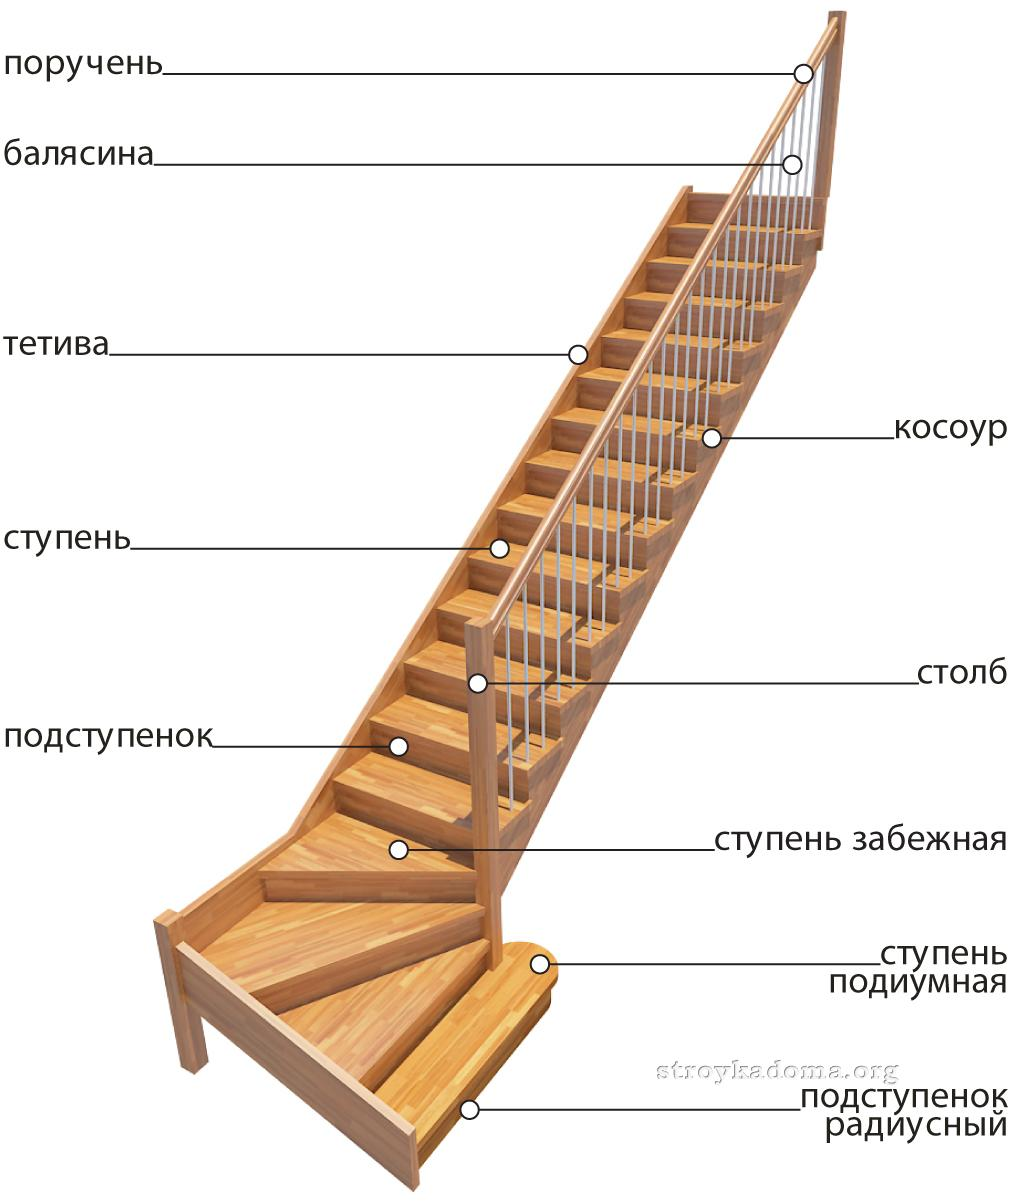 Лестница своими руками: оригинально и качественно